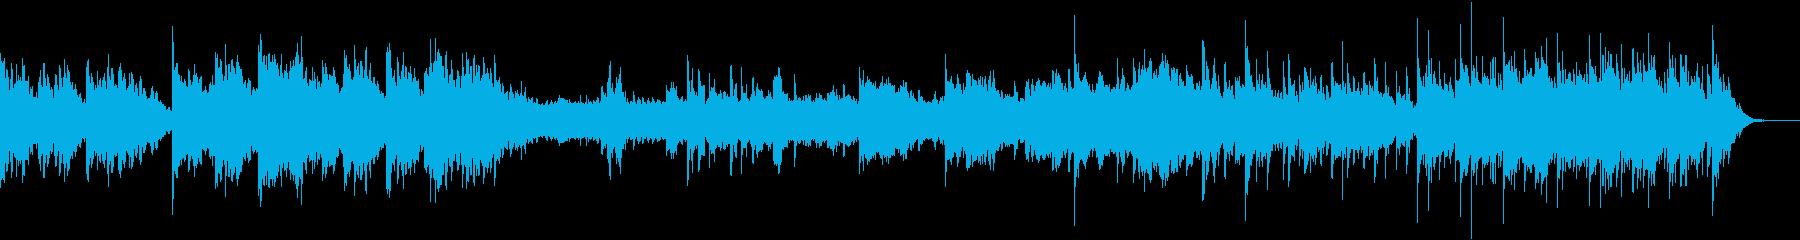 夢のようなエレピの旋律が儚い幻想曲の再生済みの波形